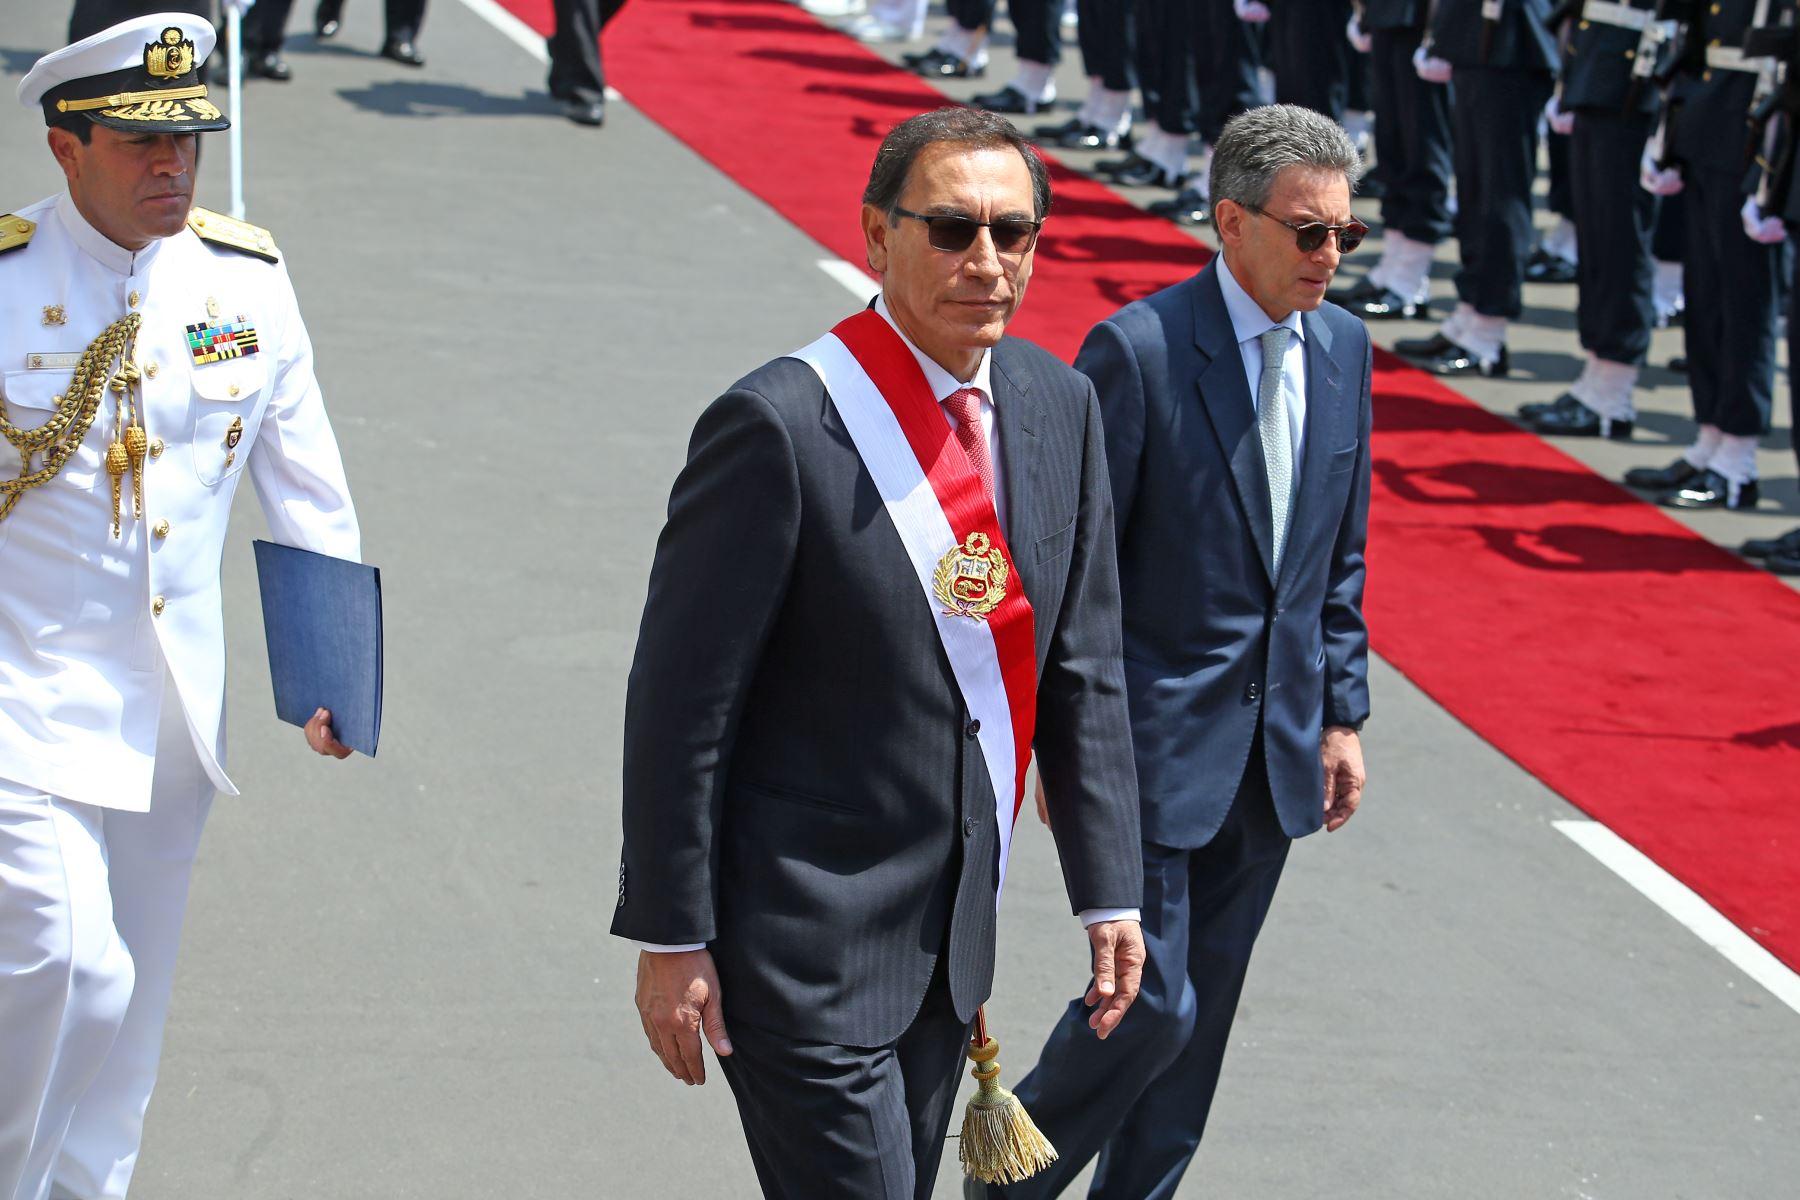 Martín Vizcarra nuevo Presidente de Perú: ¿aliado u opositor del fujimorismo?